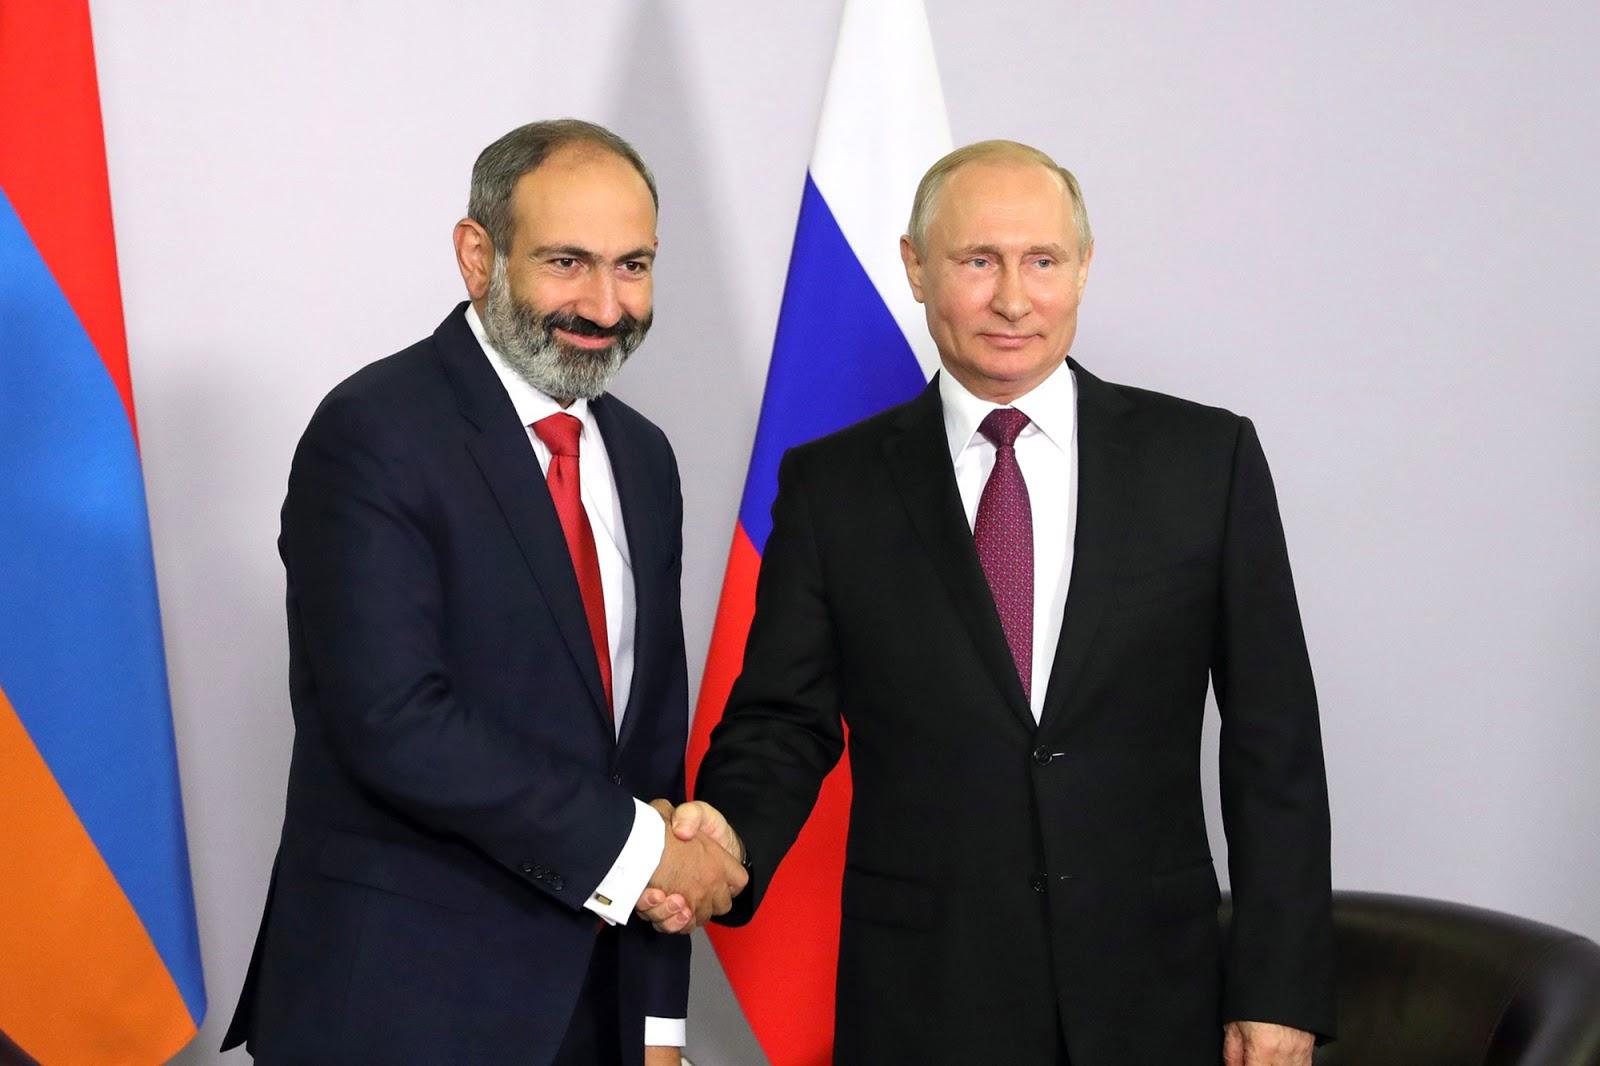 Vladimir Putin, Nikol Pashinyan